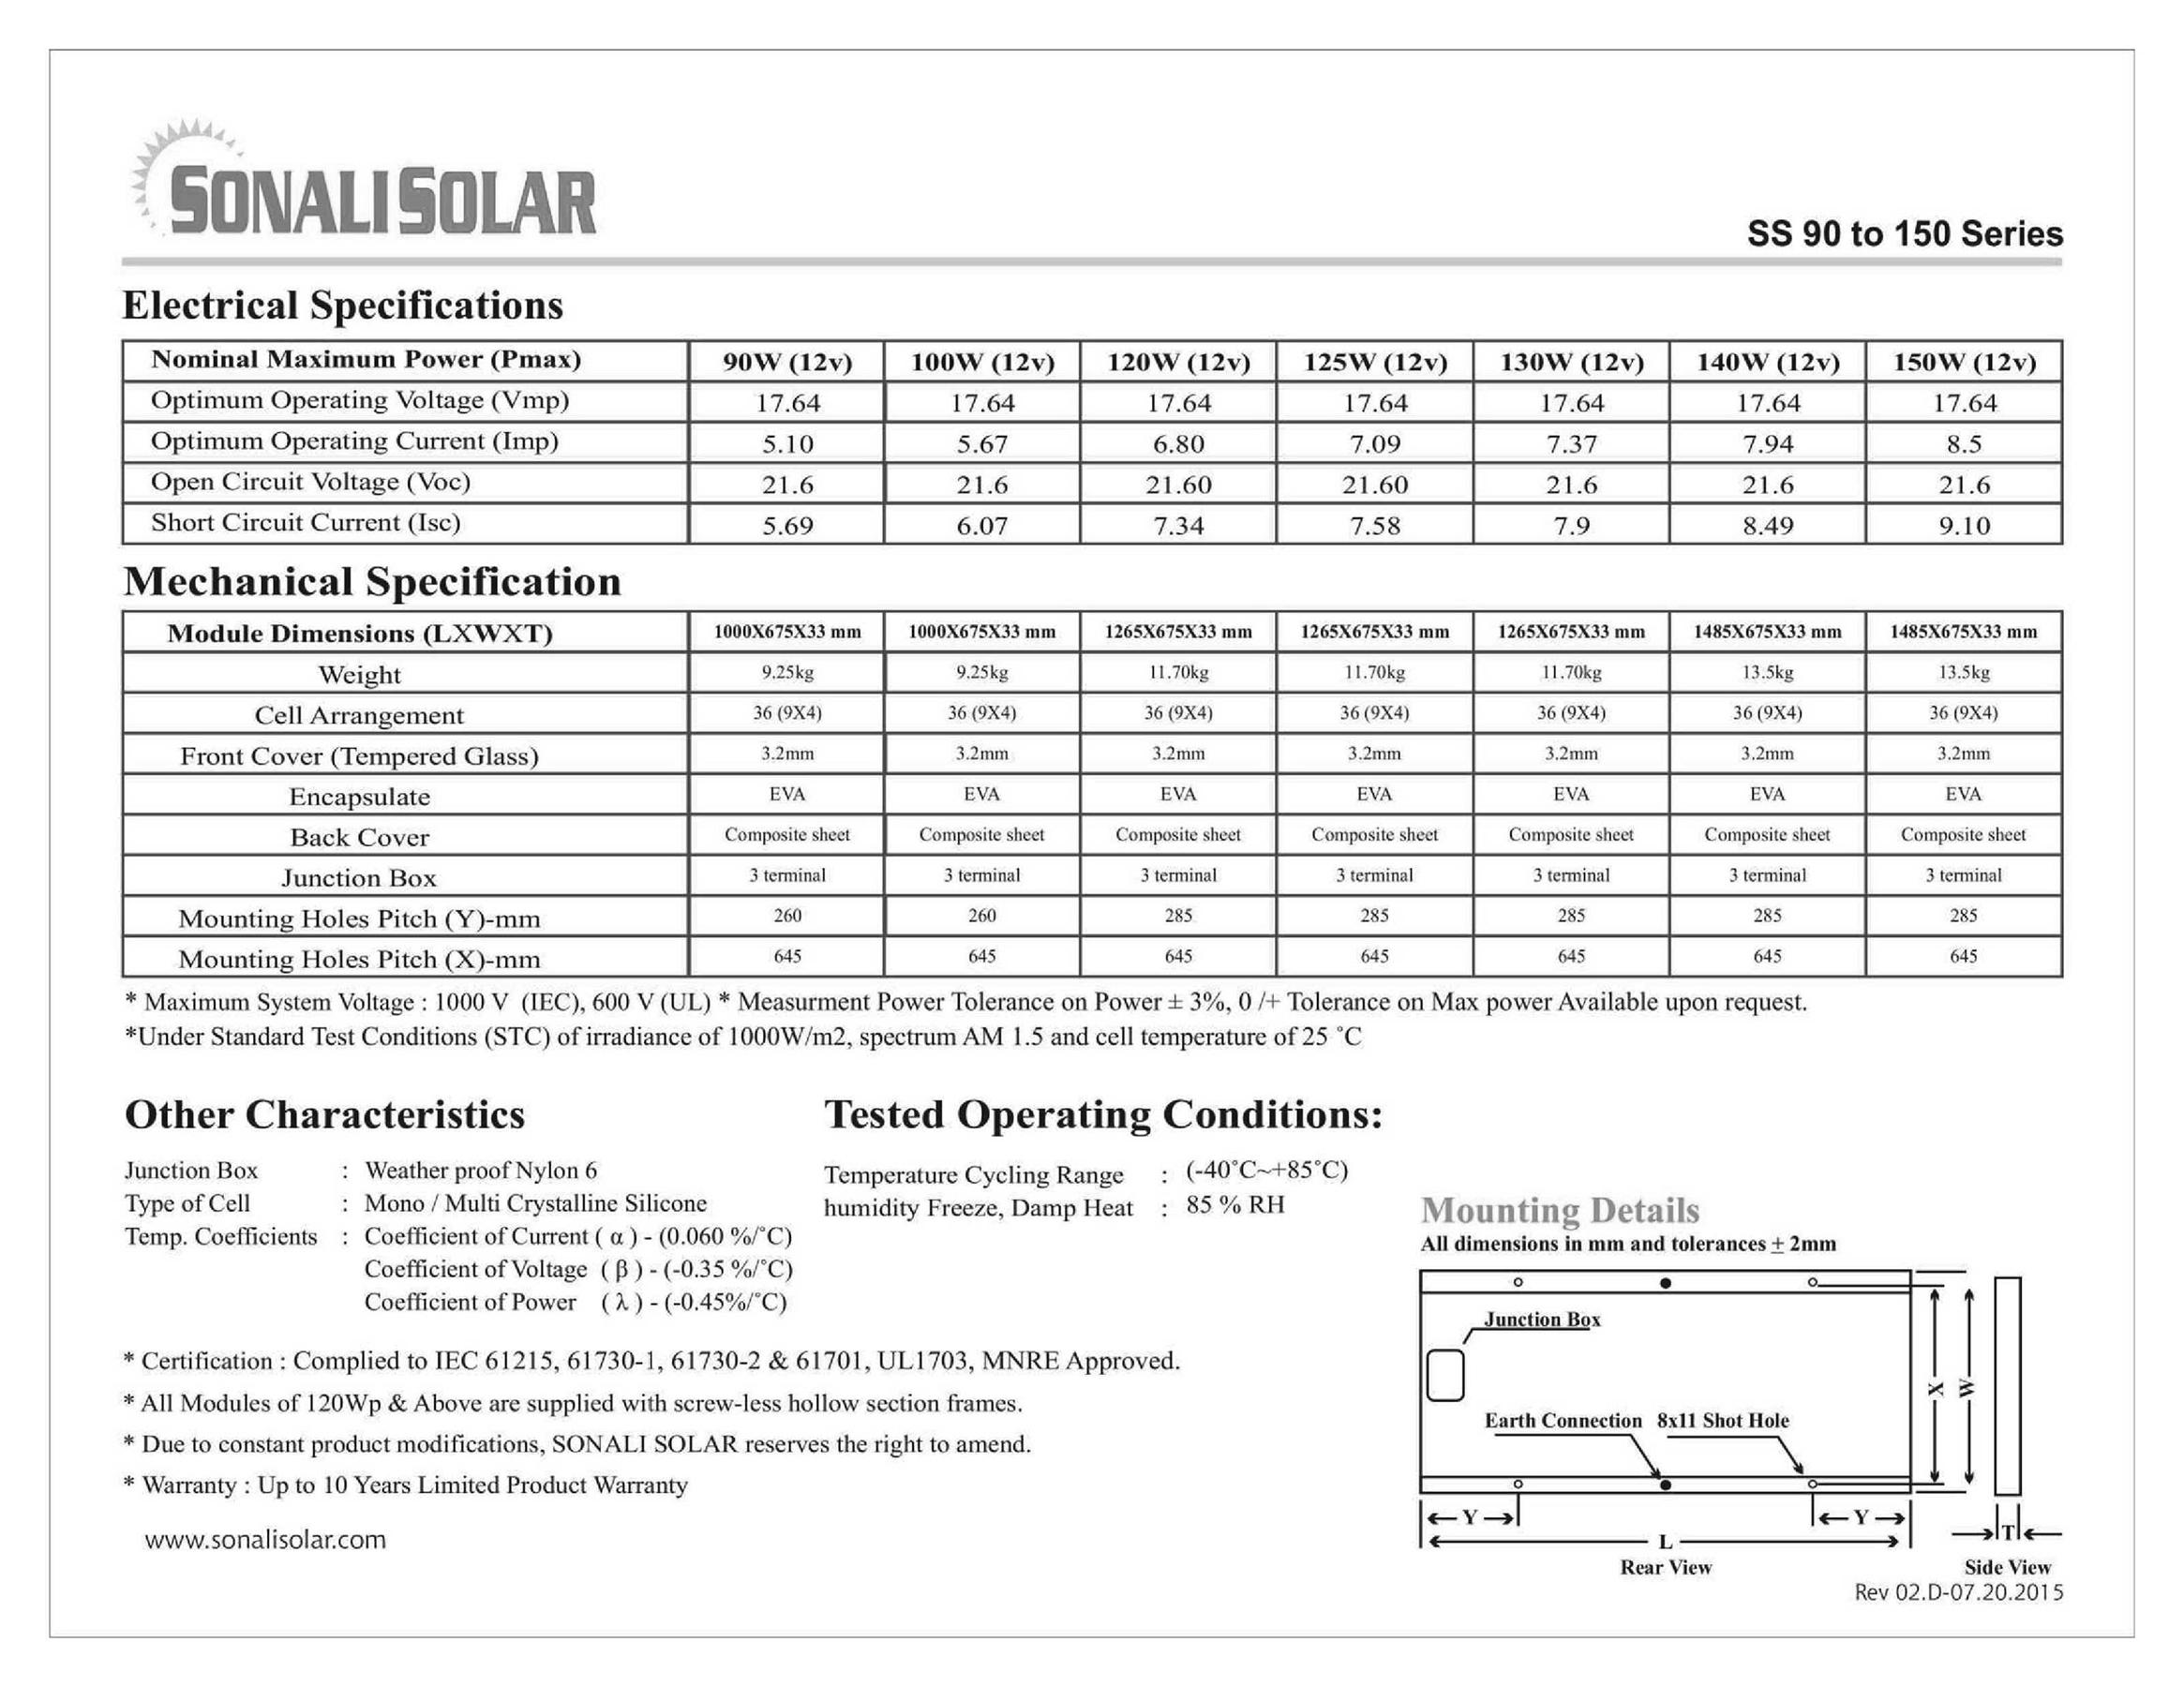 Sonali Solar 90-150W Datasheet